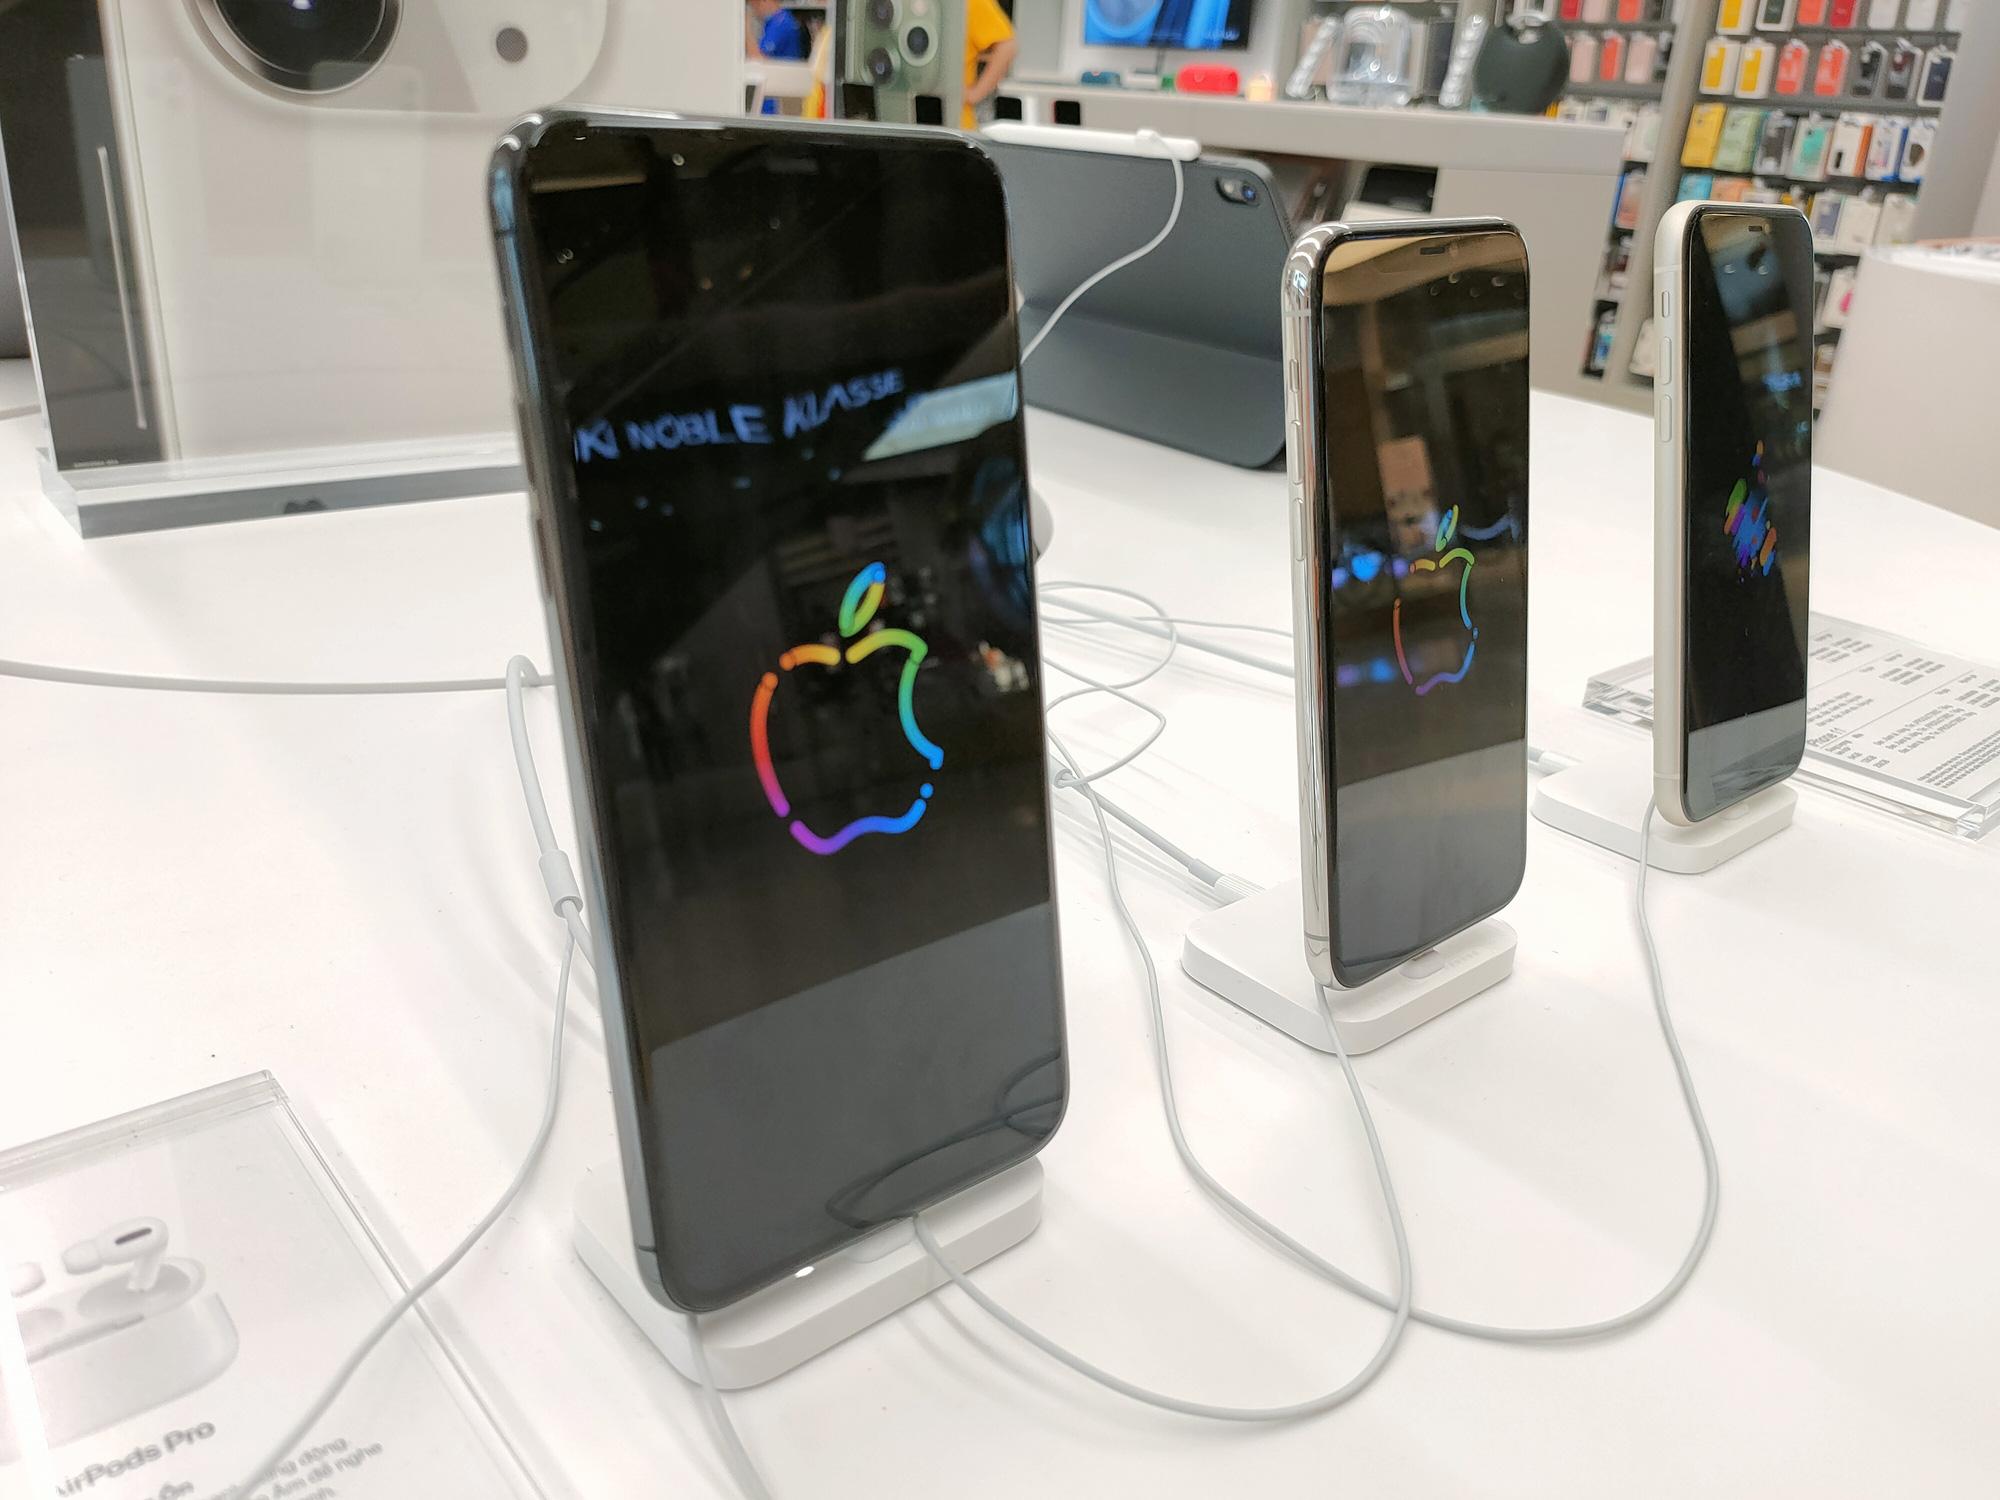 Điện thoại giảm giá tuần này: iPhone tiếp tục giảm nhẹ, Android tưng bừng khuyến mãi - Ảnh 1.